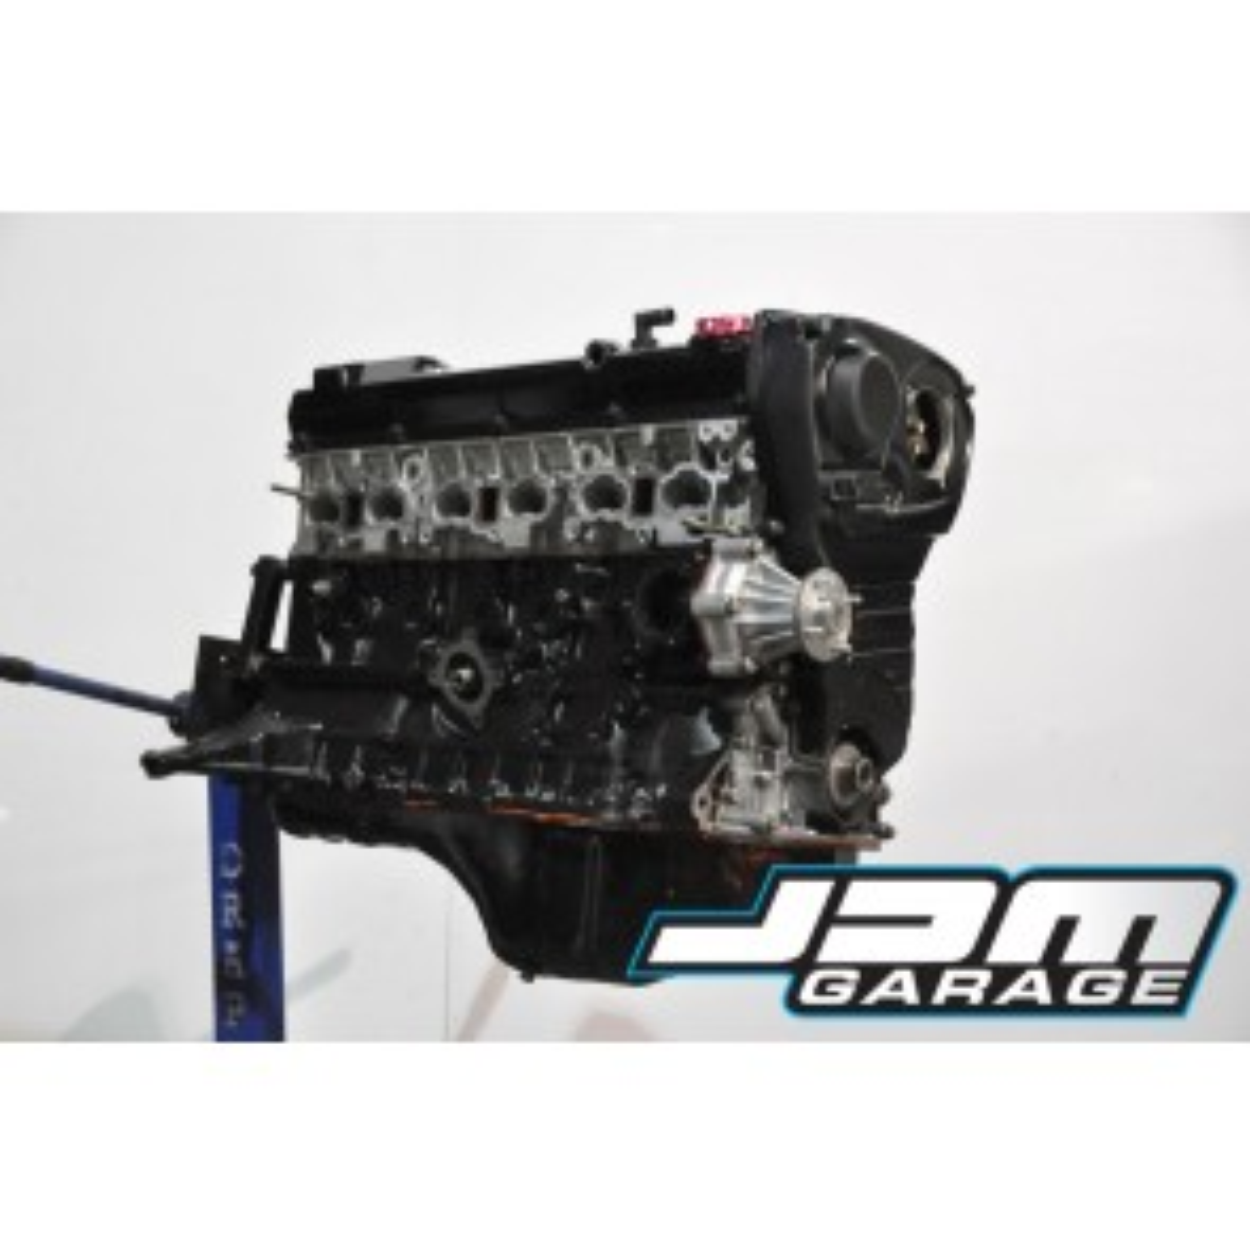 Nissan Skyline Forged RB25DET engine